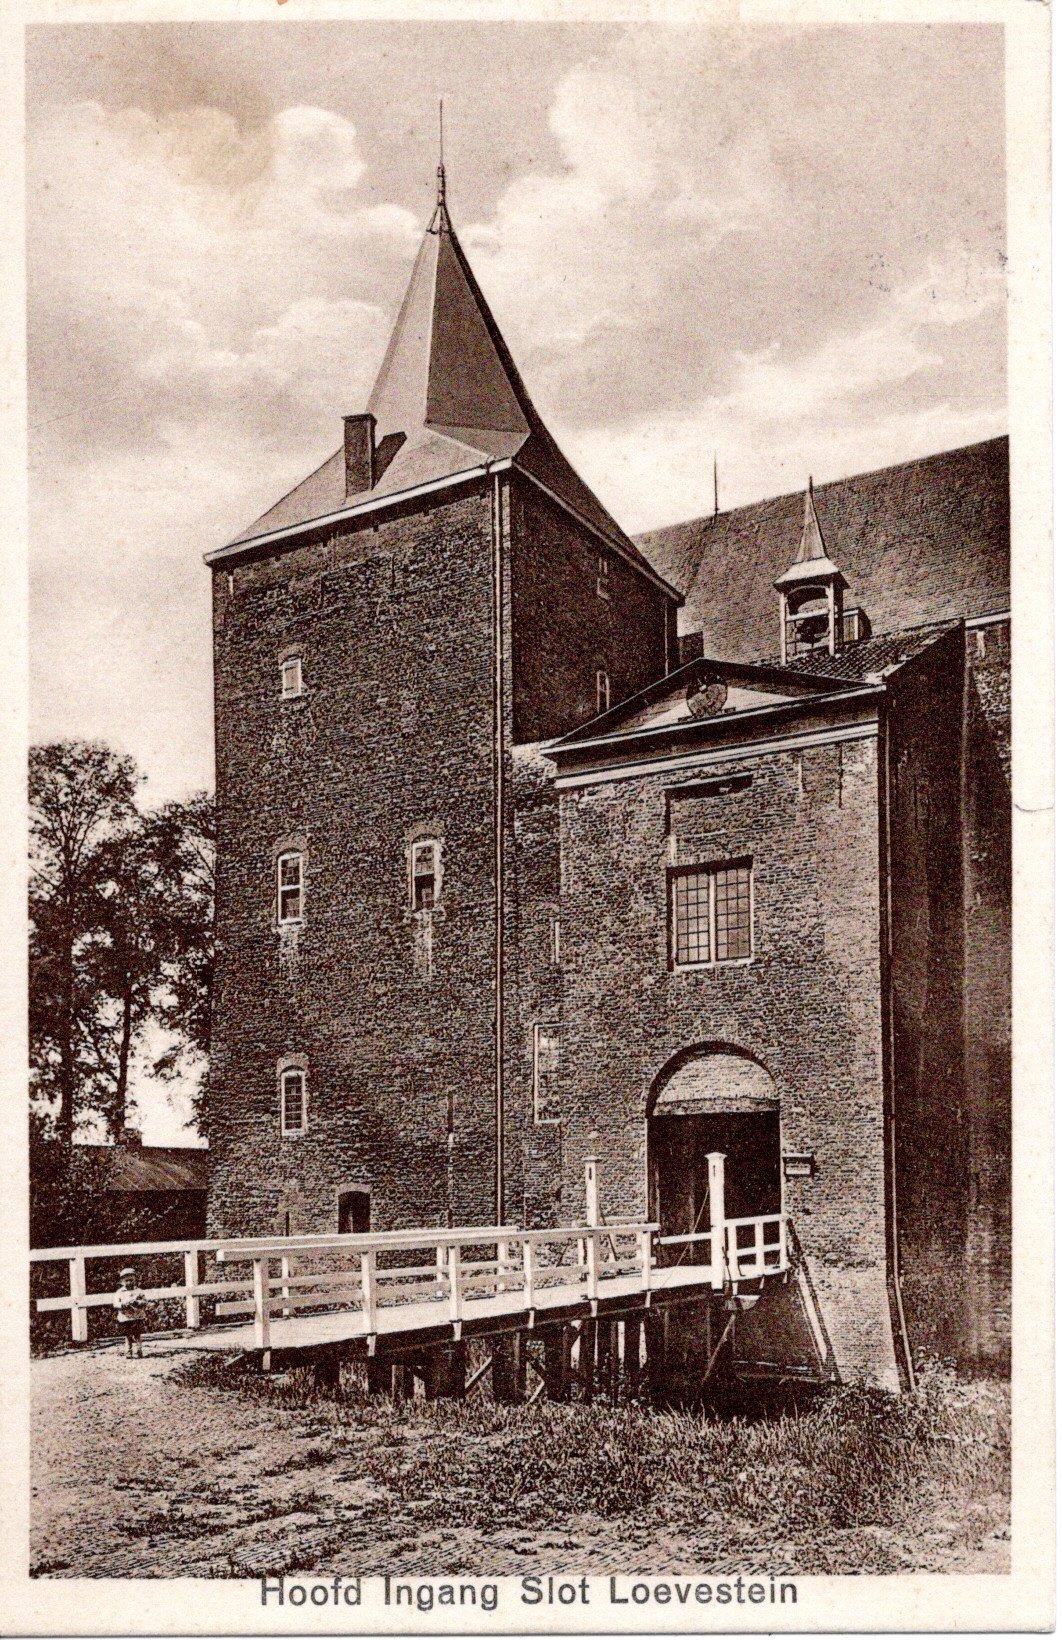 D2-Hoofd-Ingang-Slot-Loevestein-1935